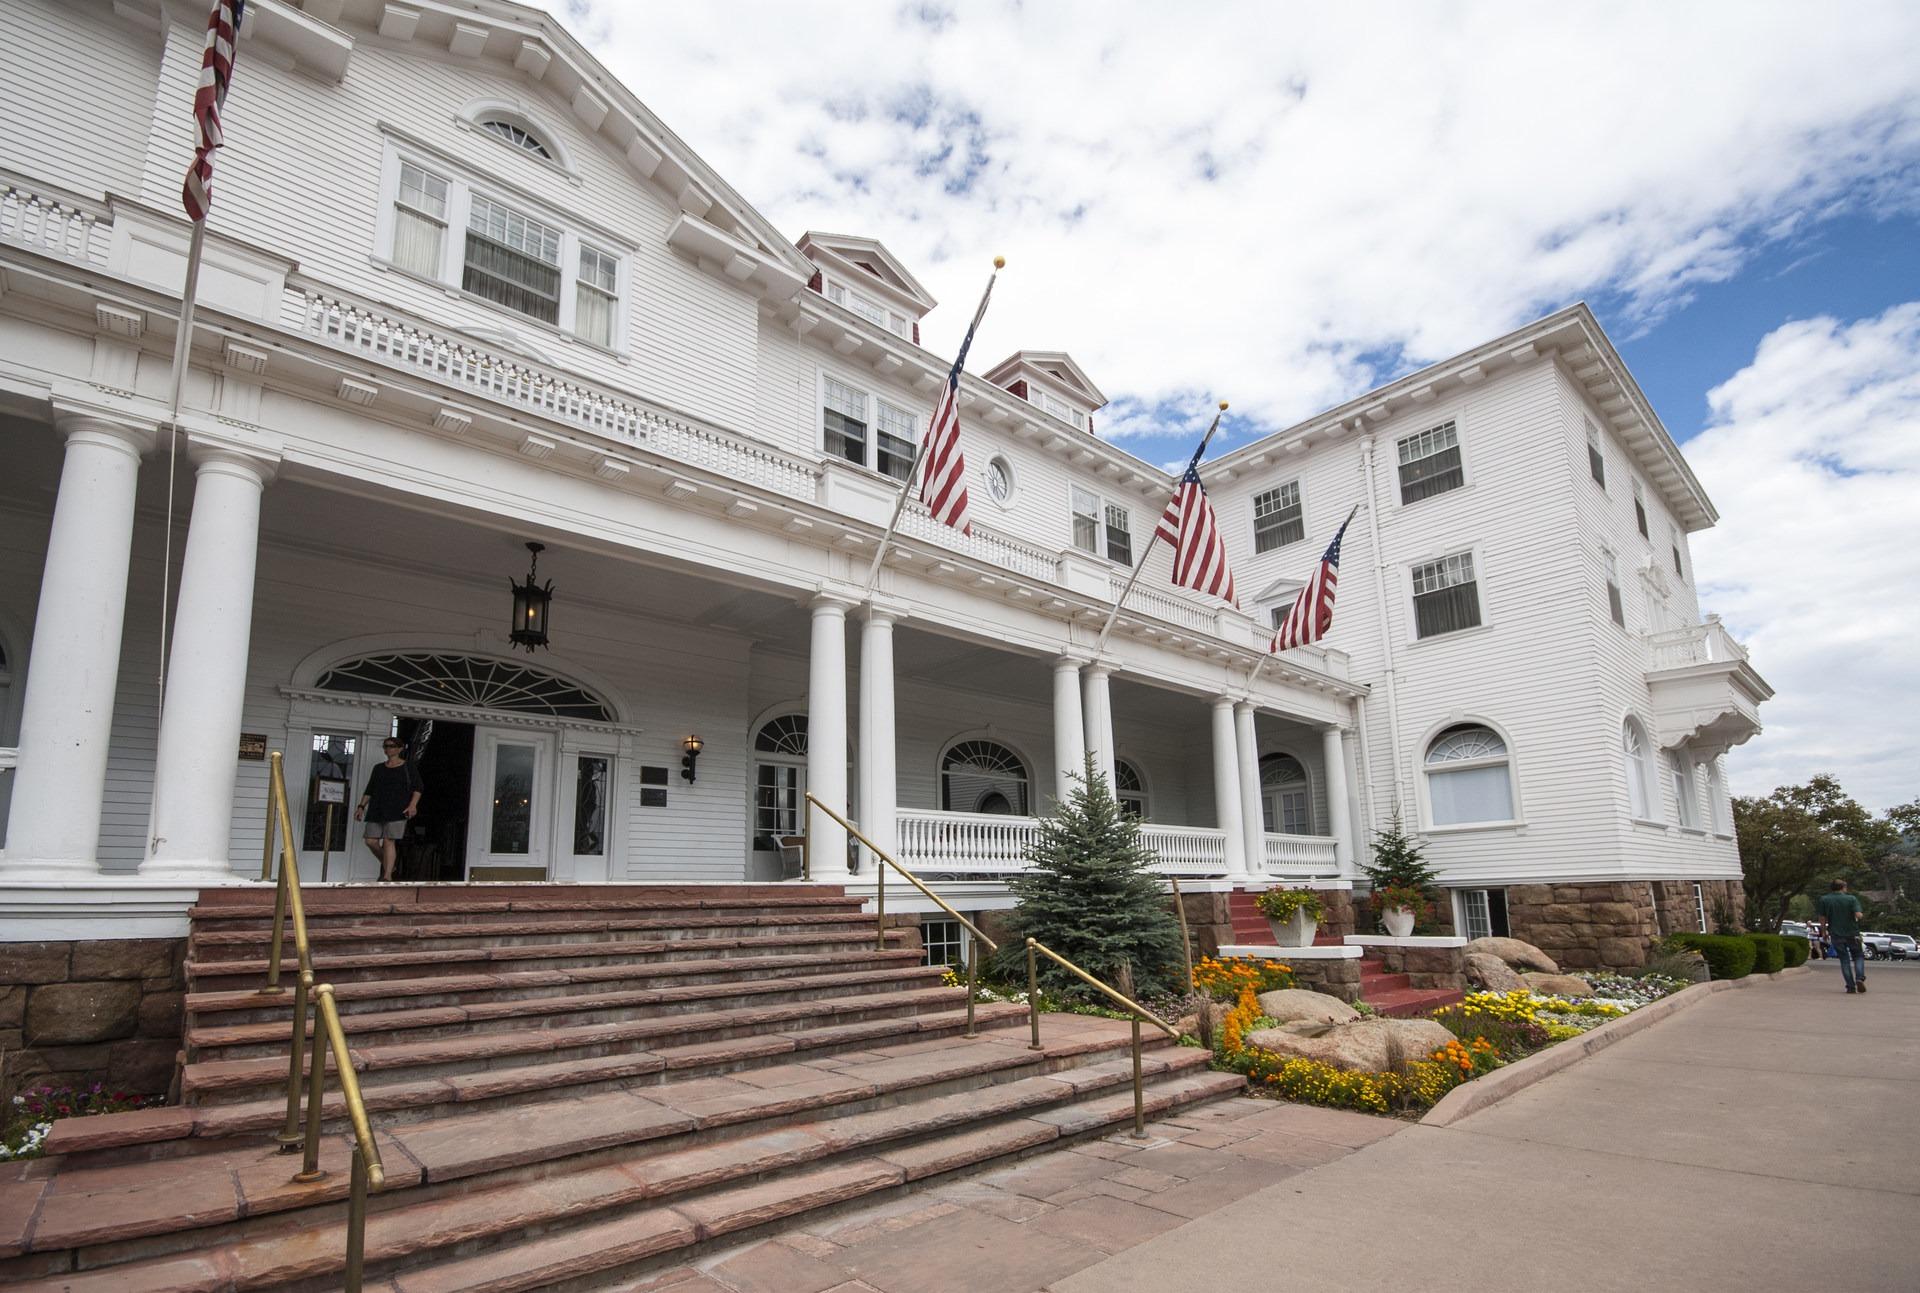 Stanley Hotel - Estes Park - Colorado